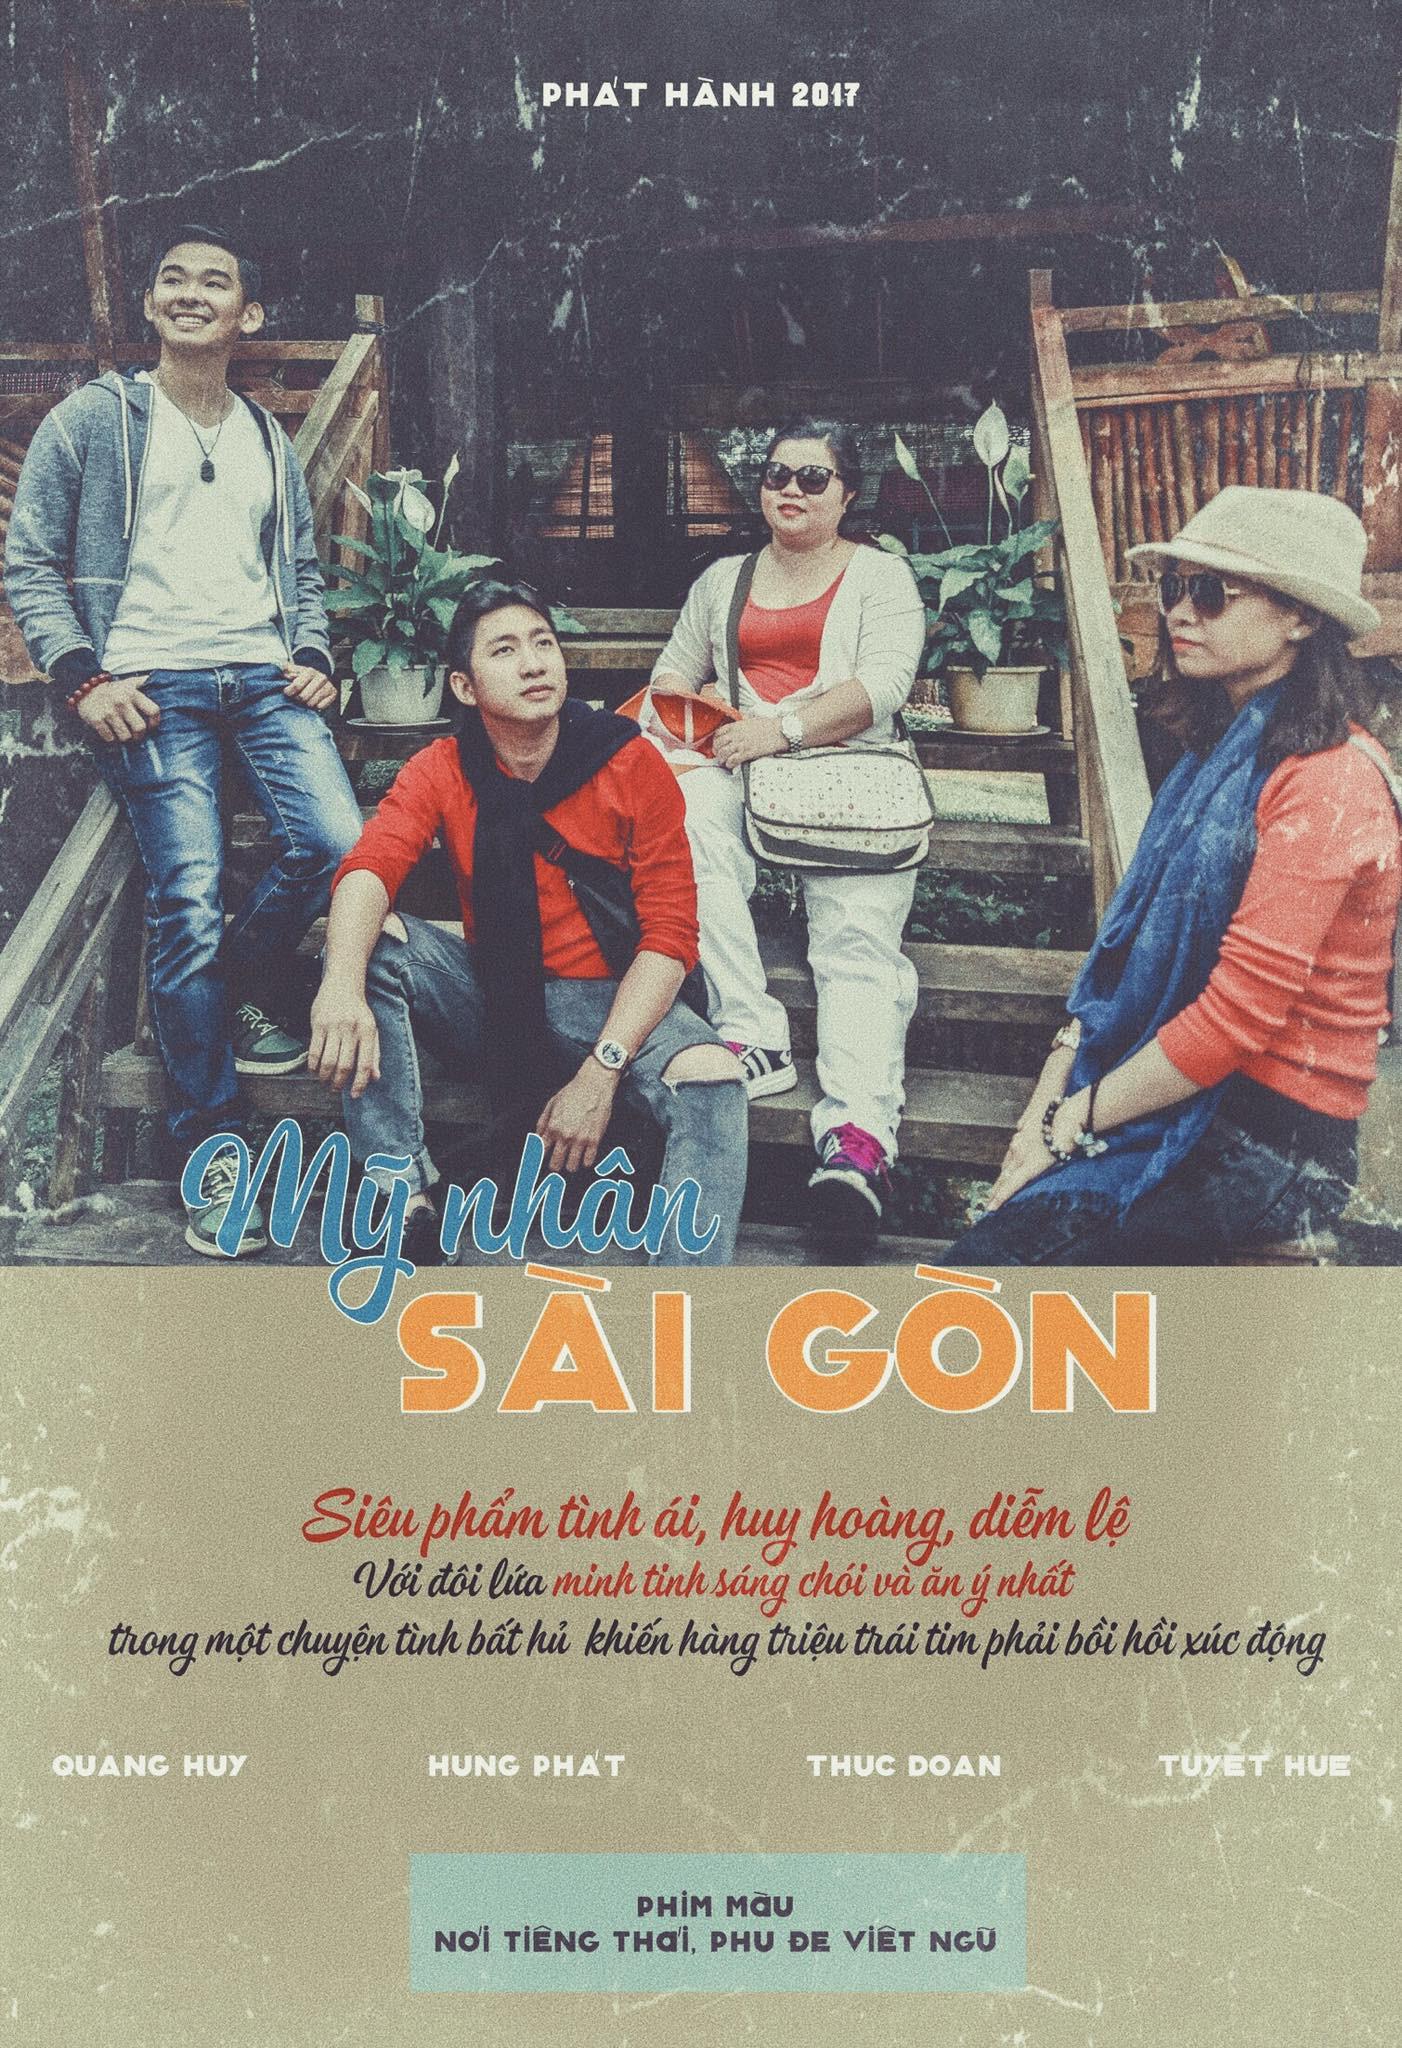 Phong cách chỉnh màu retro cùng những câu cửa miệng của người Sài Gòn xưa được các bạn trẻ yêu thích (ảnh: internet)